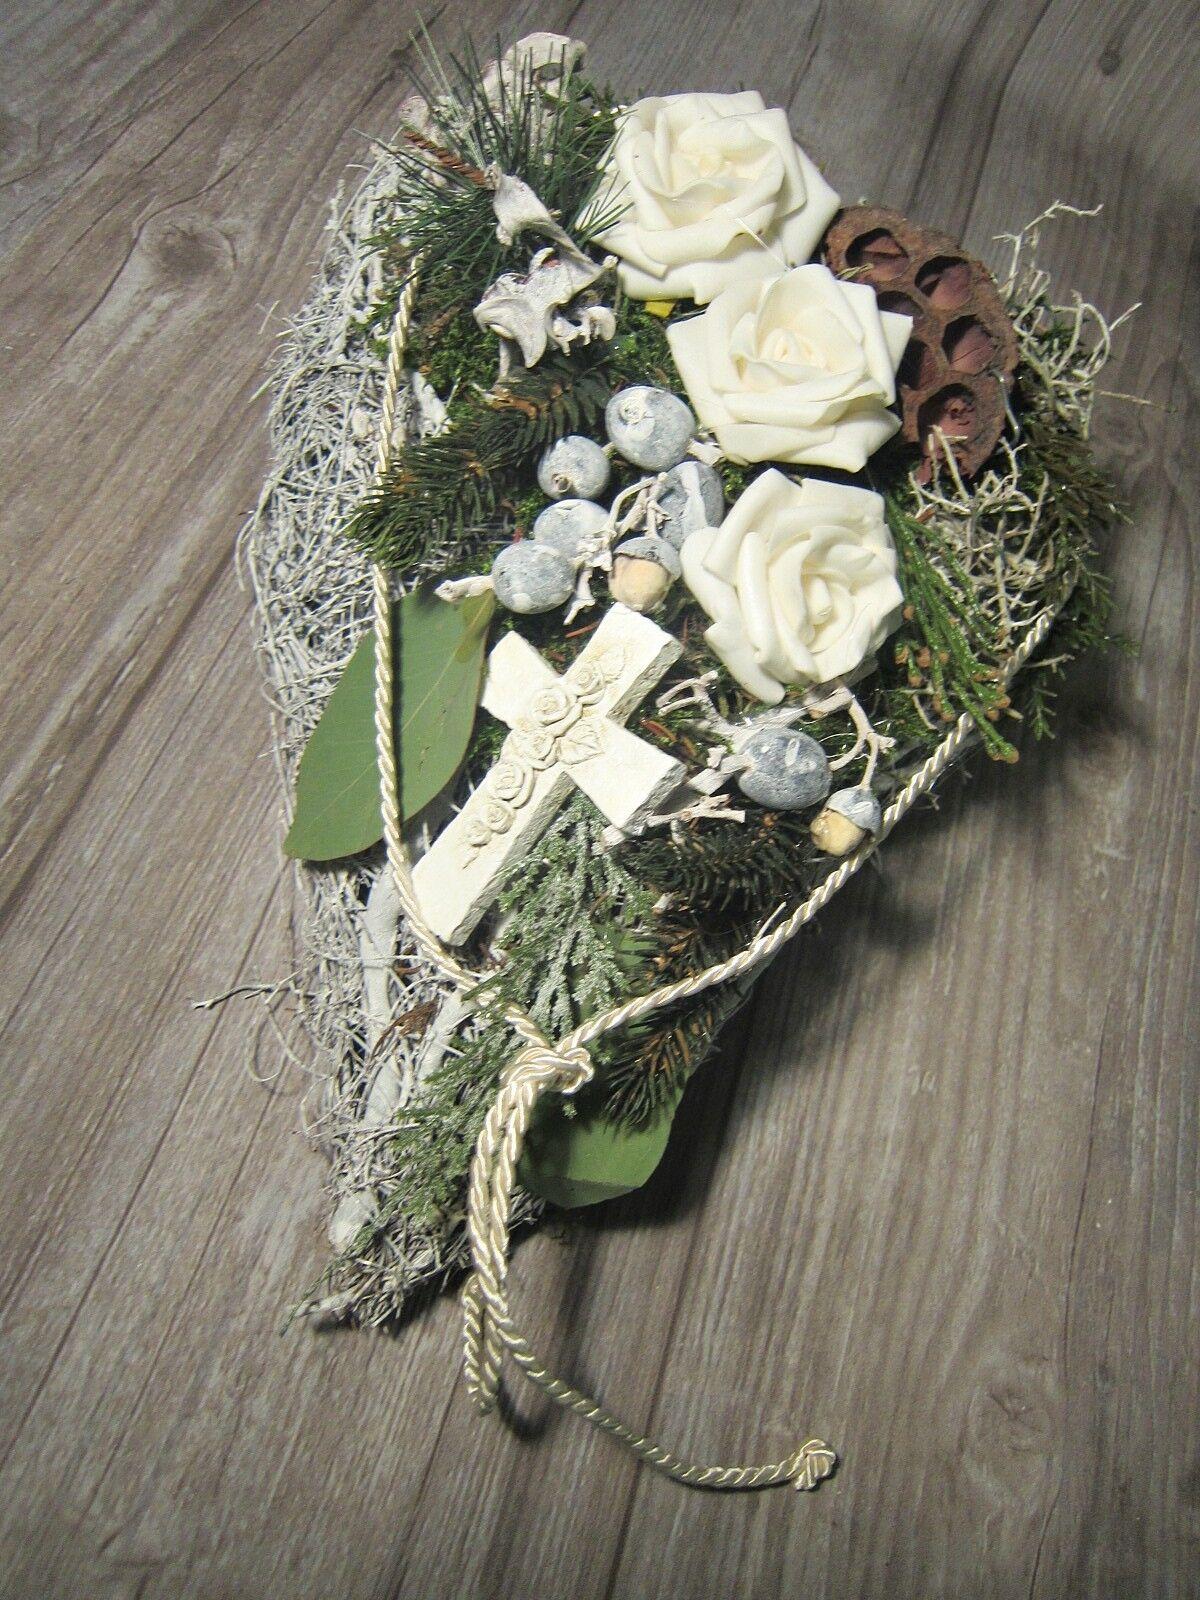 GRABGESTECK ALLERHEILIGENGESTECK GRABSCHMUCK Allerheiligen Herz 35 cm - EUR 26,95. Natur-Geäst-Herz, handdekoriert 35 cm mit weissen haltbaren Rosen, hochwertiges Material aus dem Floristik-Fachhandel, getrocknetes Natur-Material, Stein-Kreuz und cremefarbener Kordel. Alles dauerhaft haltbar 322837516796 #friedhofsblumen